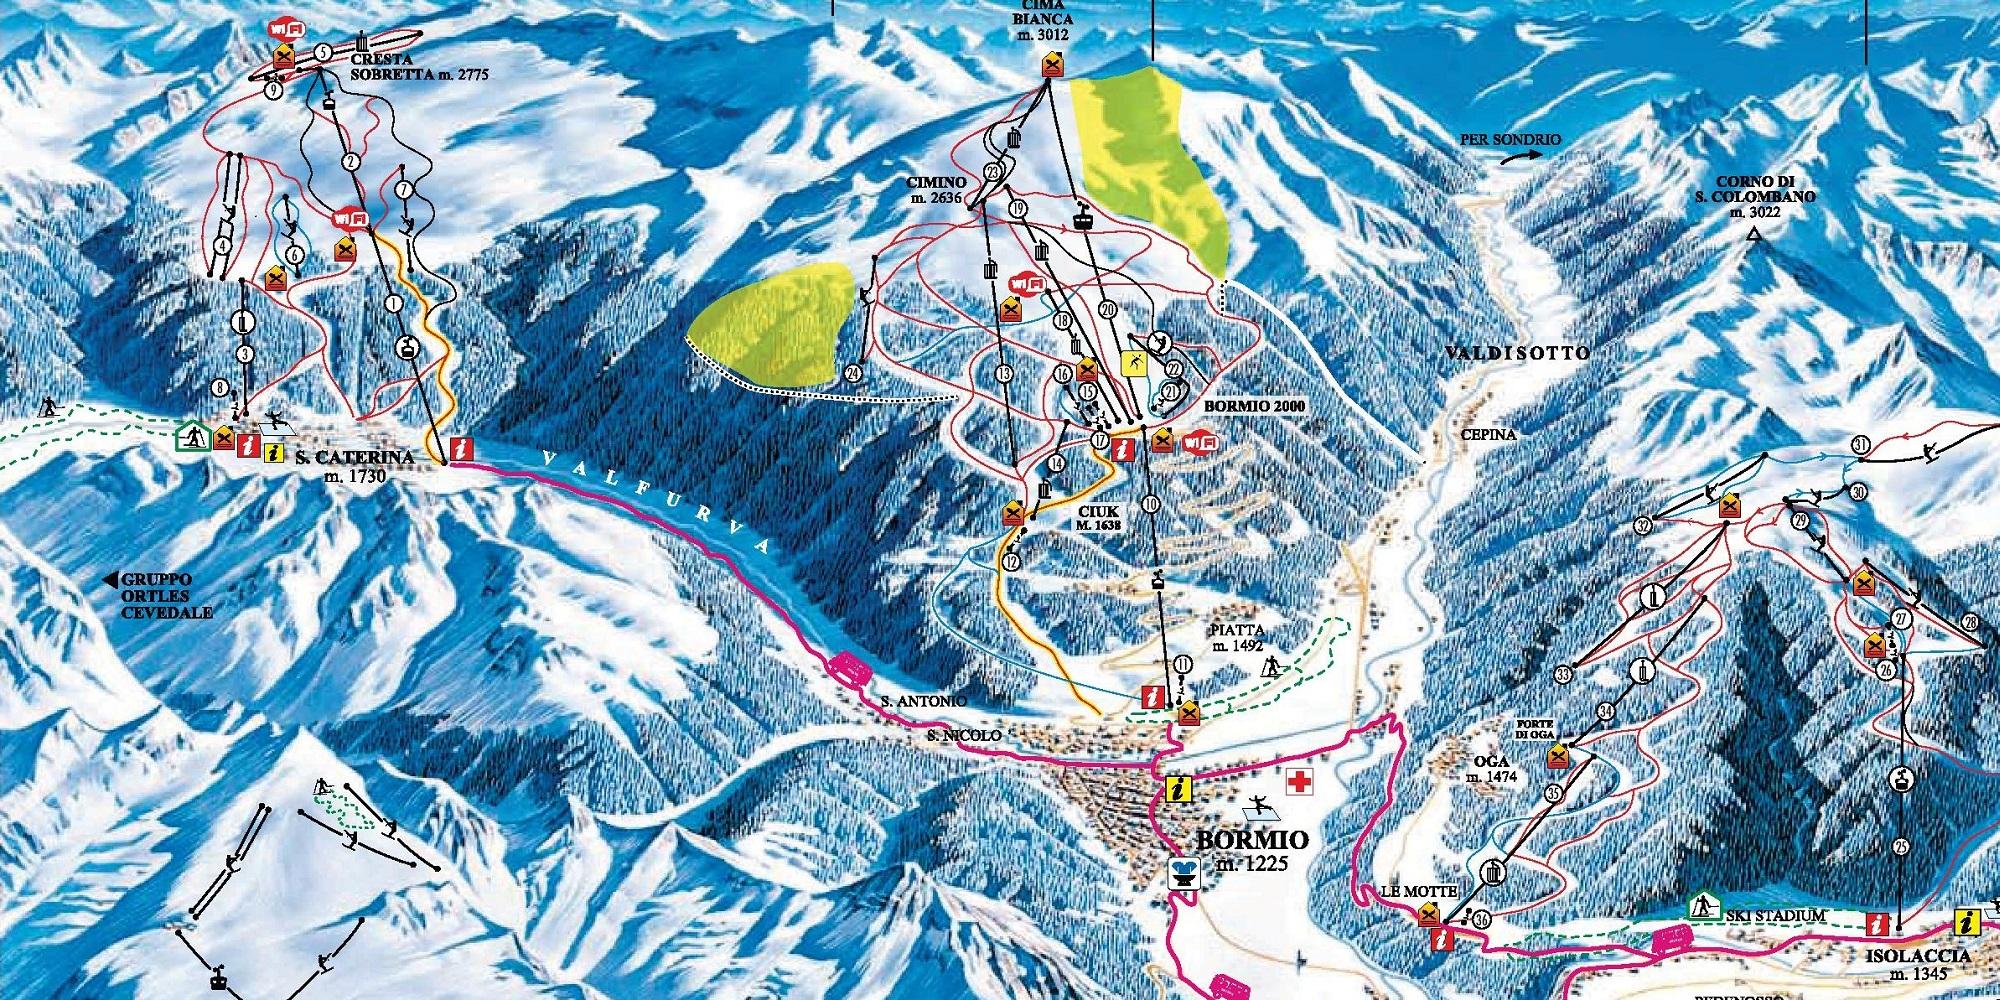 Карта трасс в Бормио